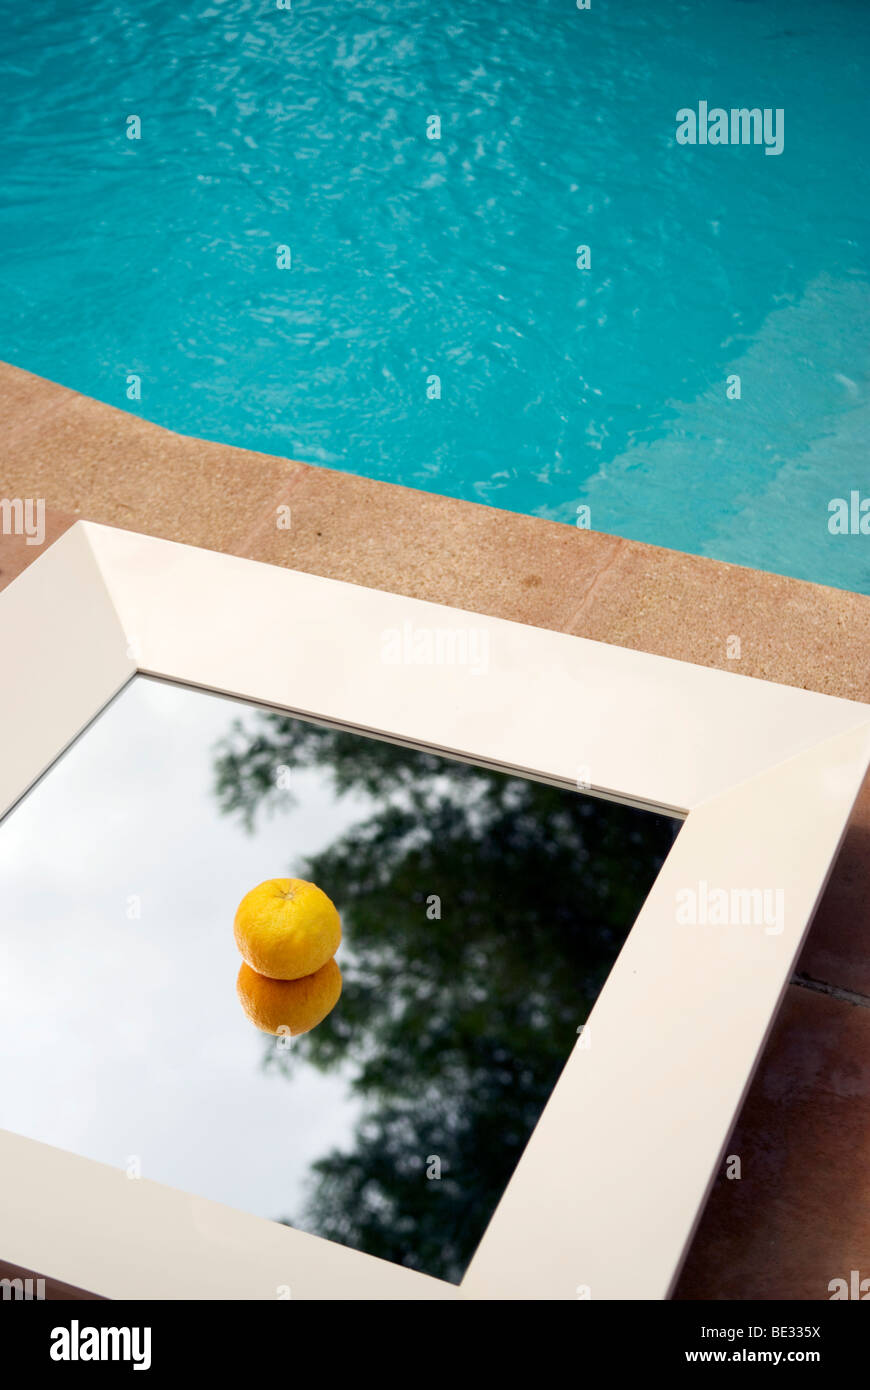 eine einzige Mandarine liegt in der Mitte der flache weiße gerahmten Spiegel an der Seite eines Schwimmbades Stockbild